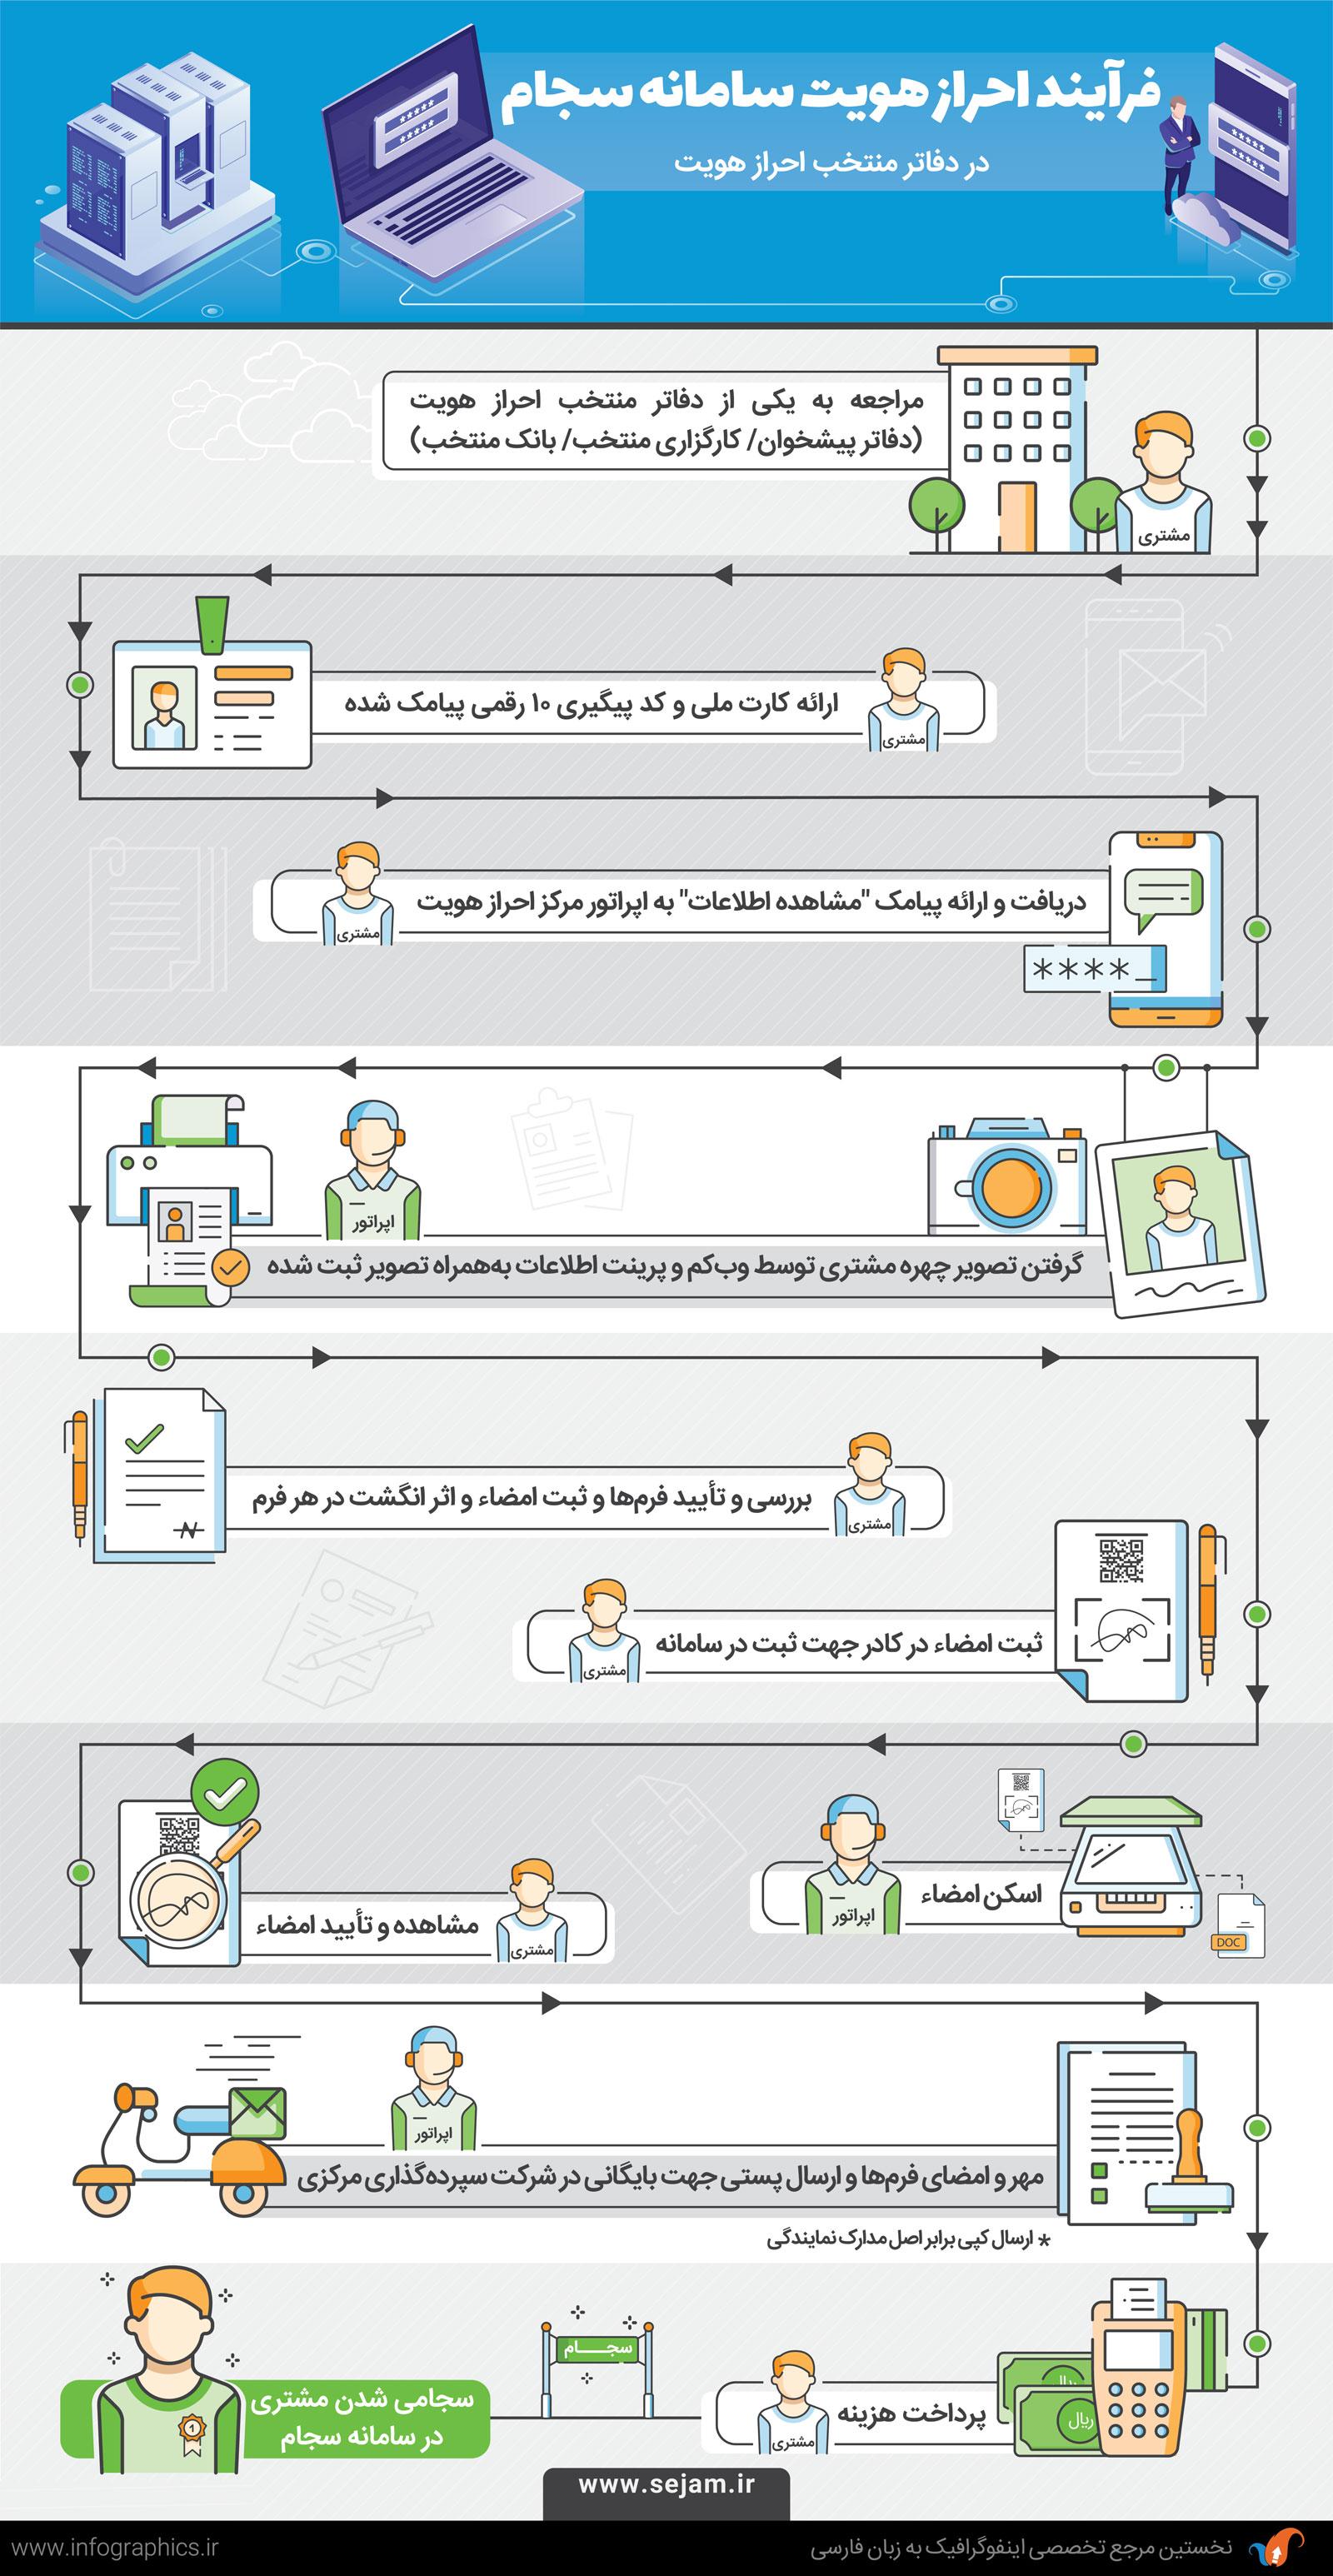 Authorization infographic